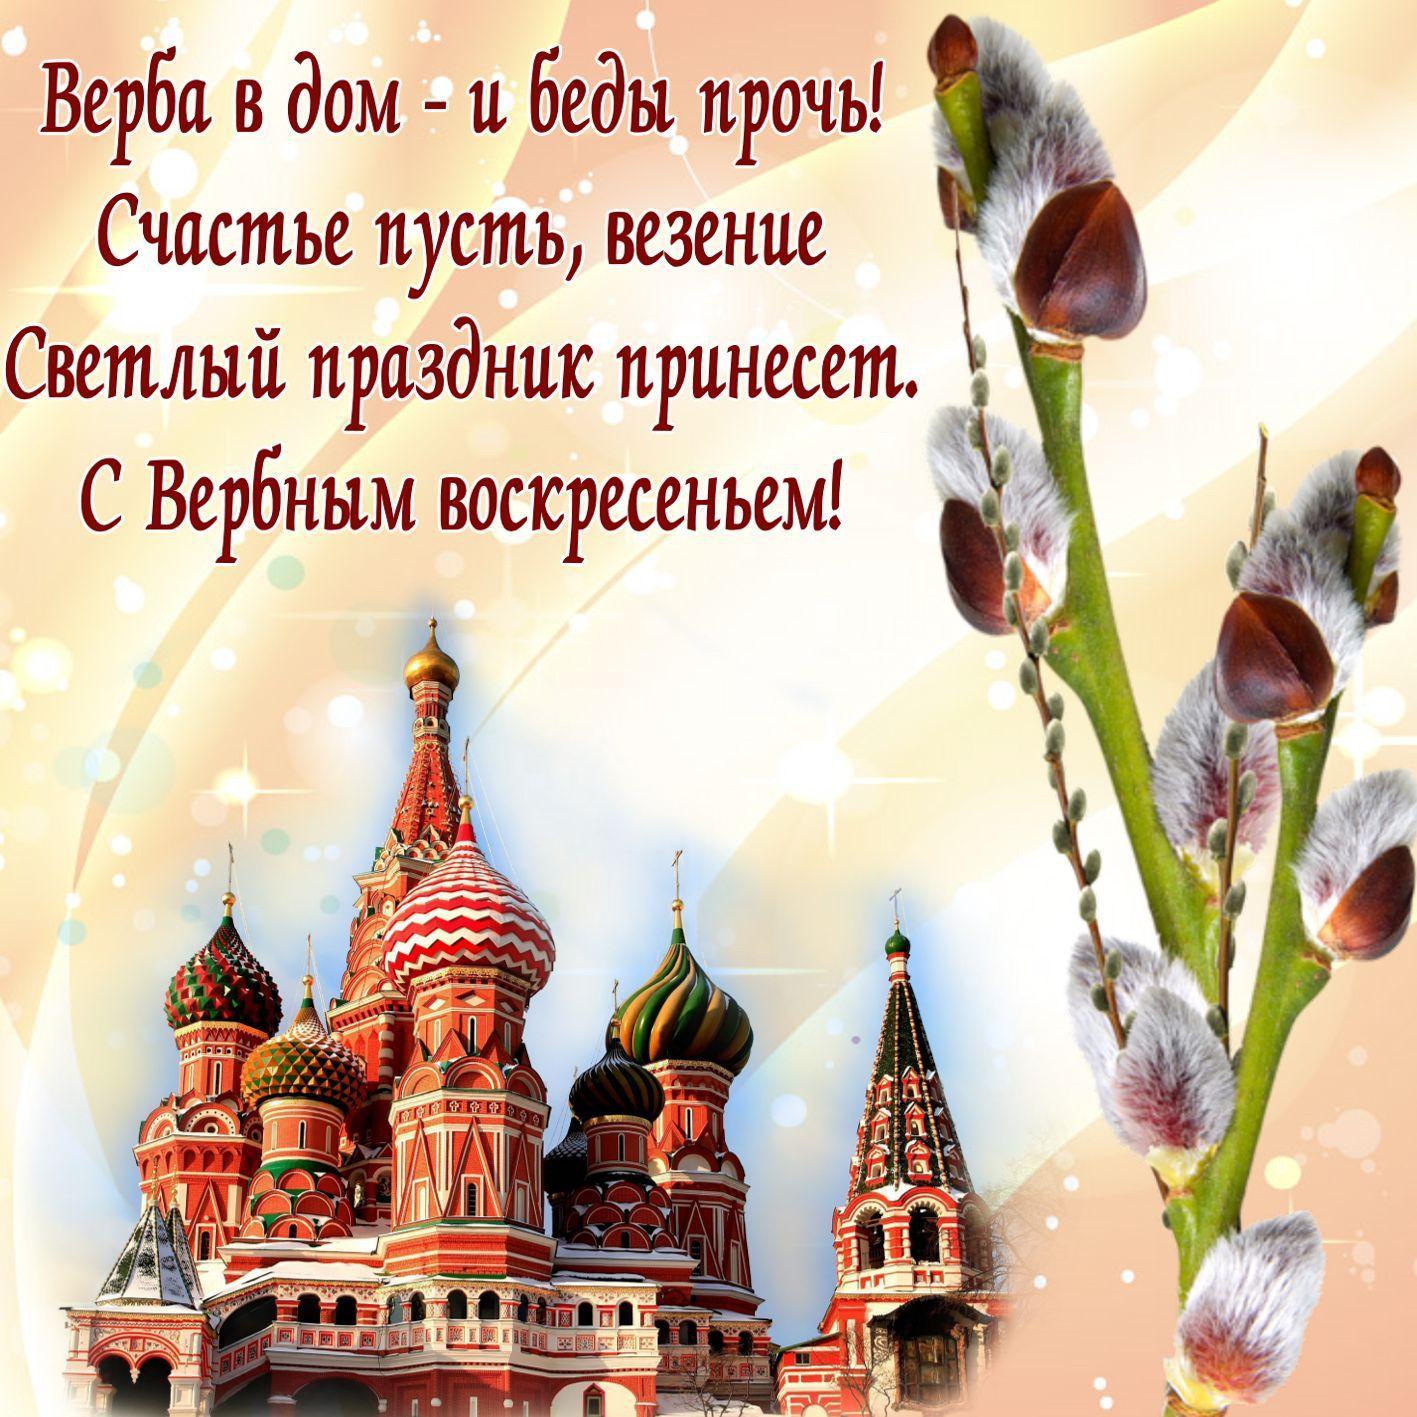 Фото Вербное воскресенье 25 апреля: красивые открытки и душевные поздравления 12